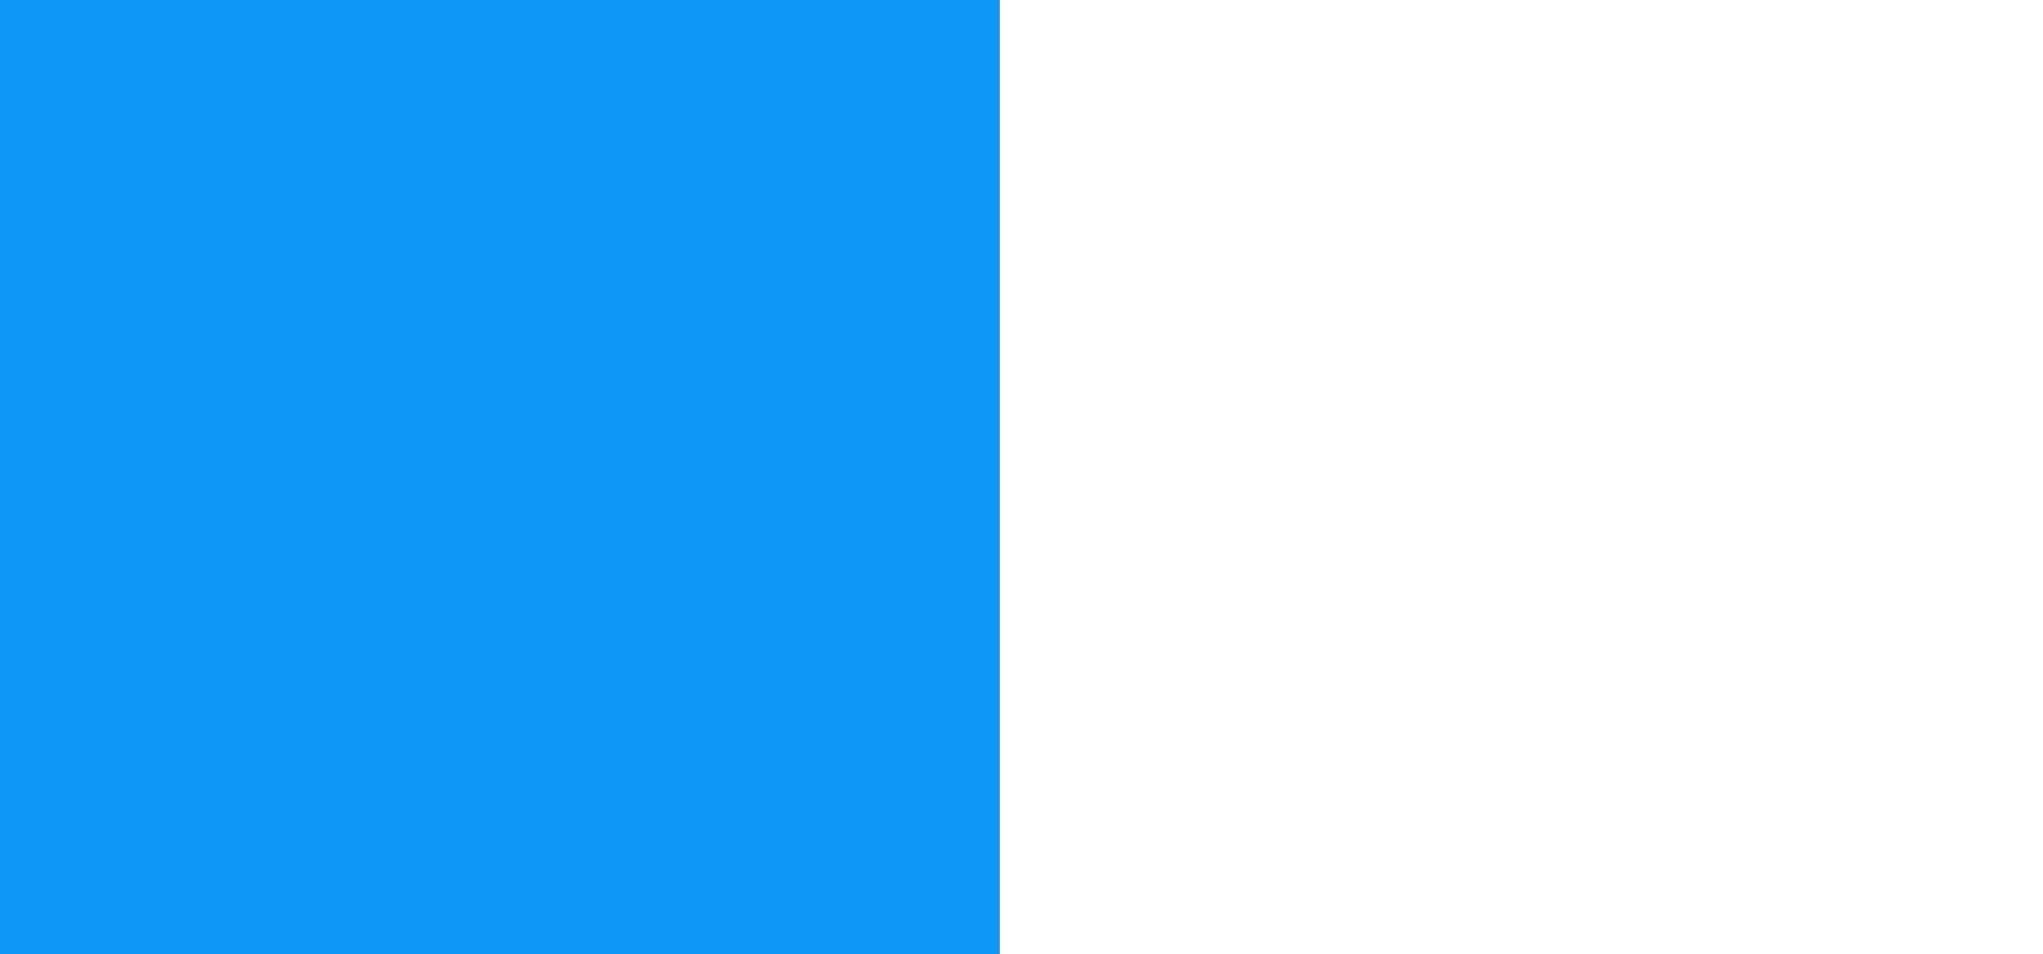 Bleu / blanc